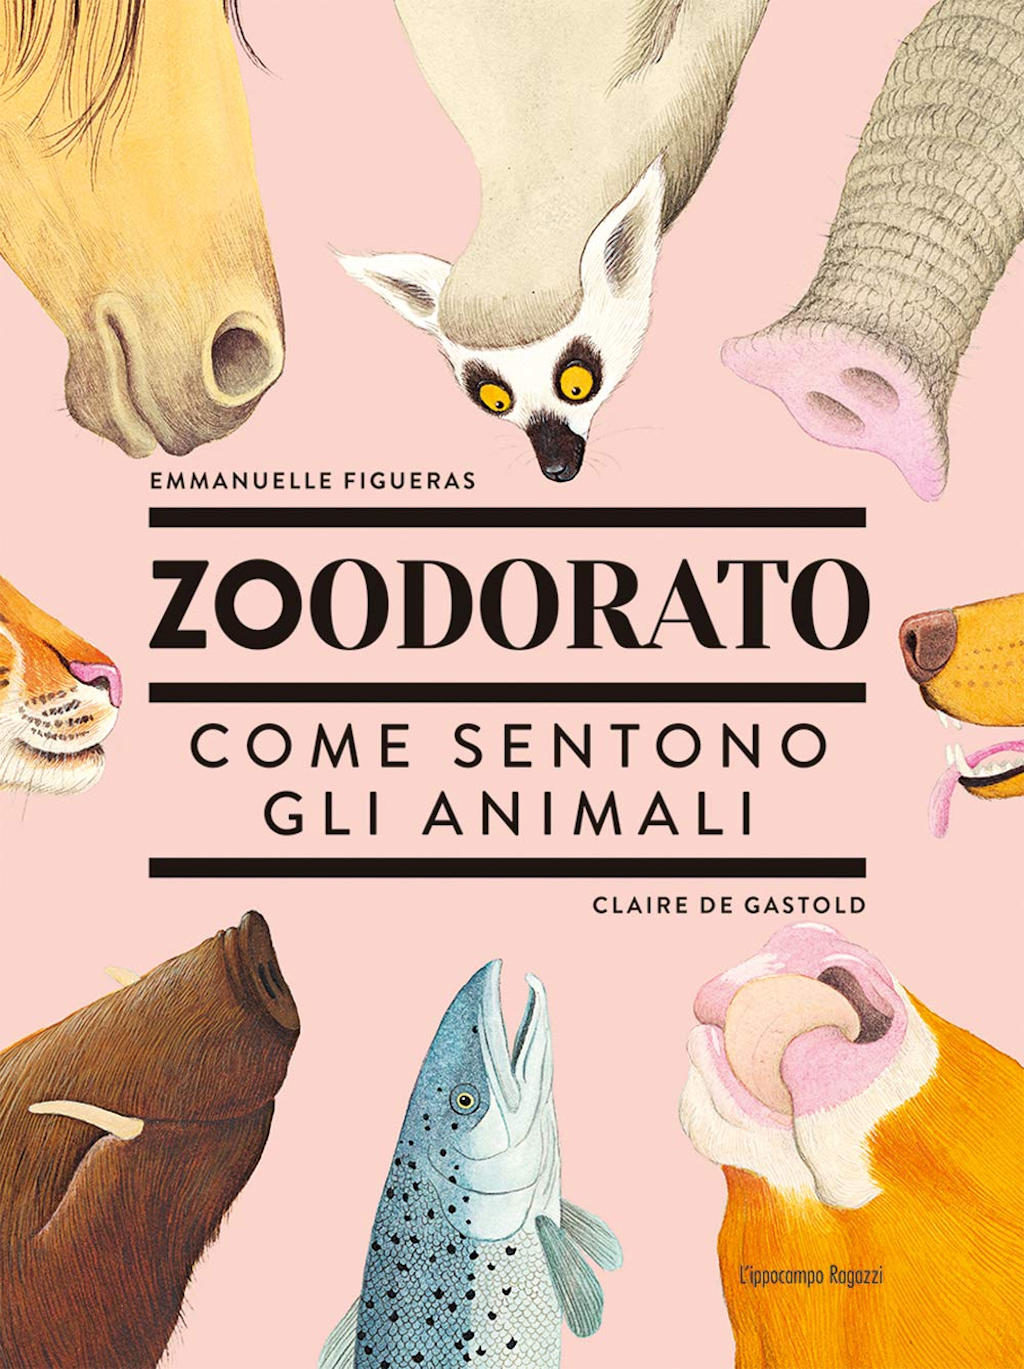 Zoodorato